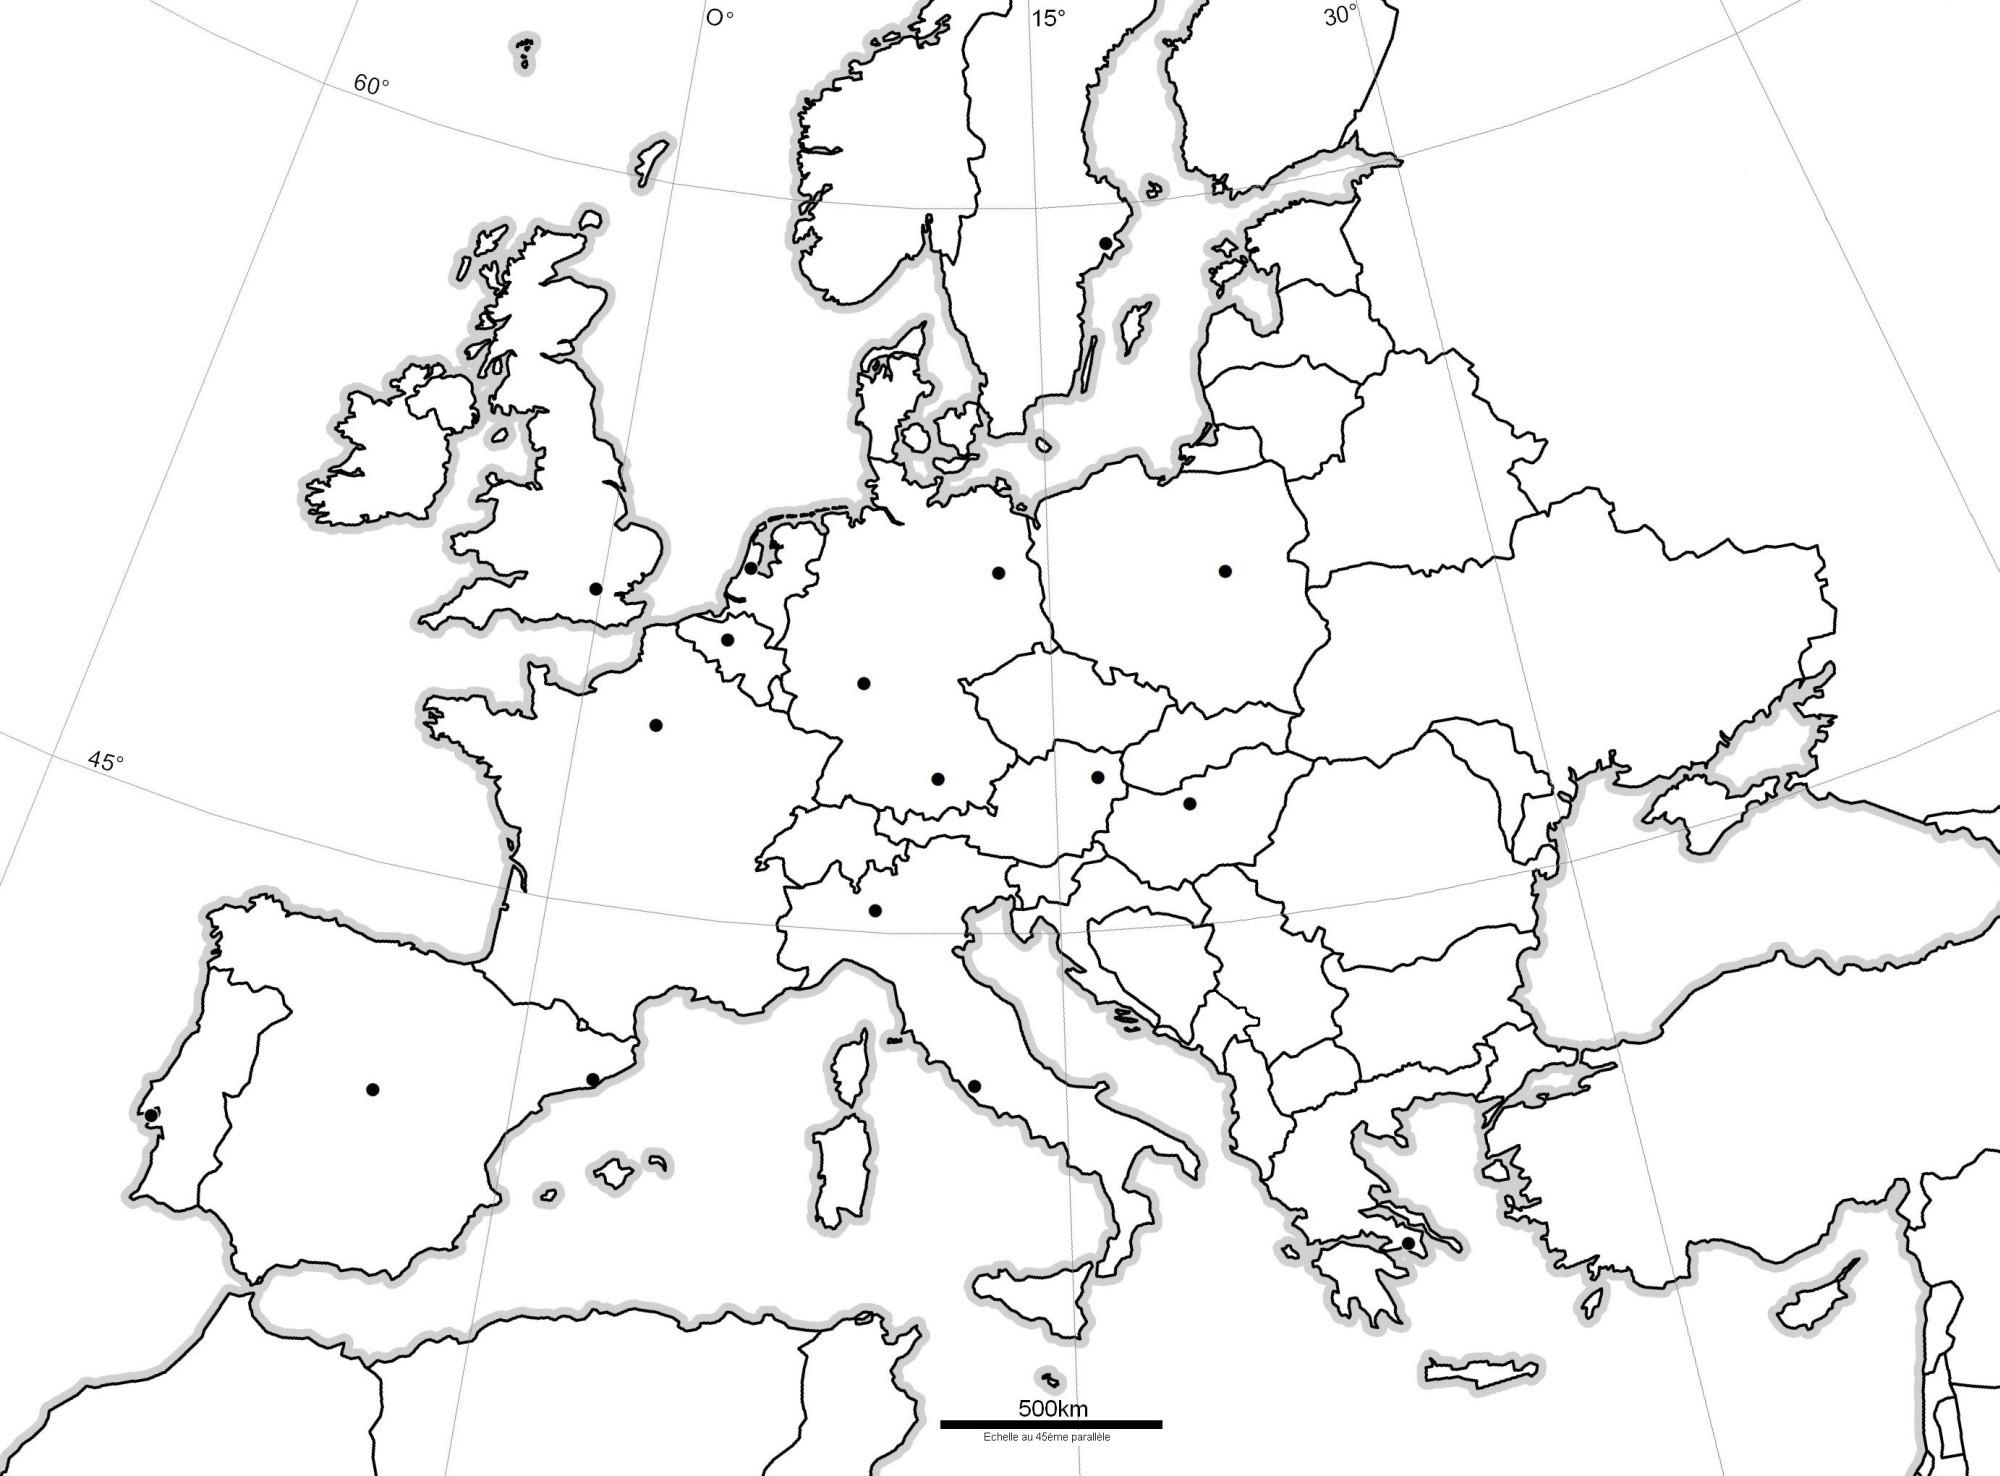 Espacoluzdiamantina: 25 Meilleur Carte De France Vierge Cm1 avec Carte Europe Vierge À Compléter En Ligne